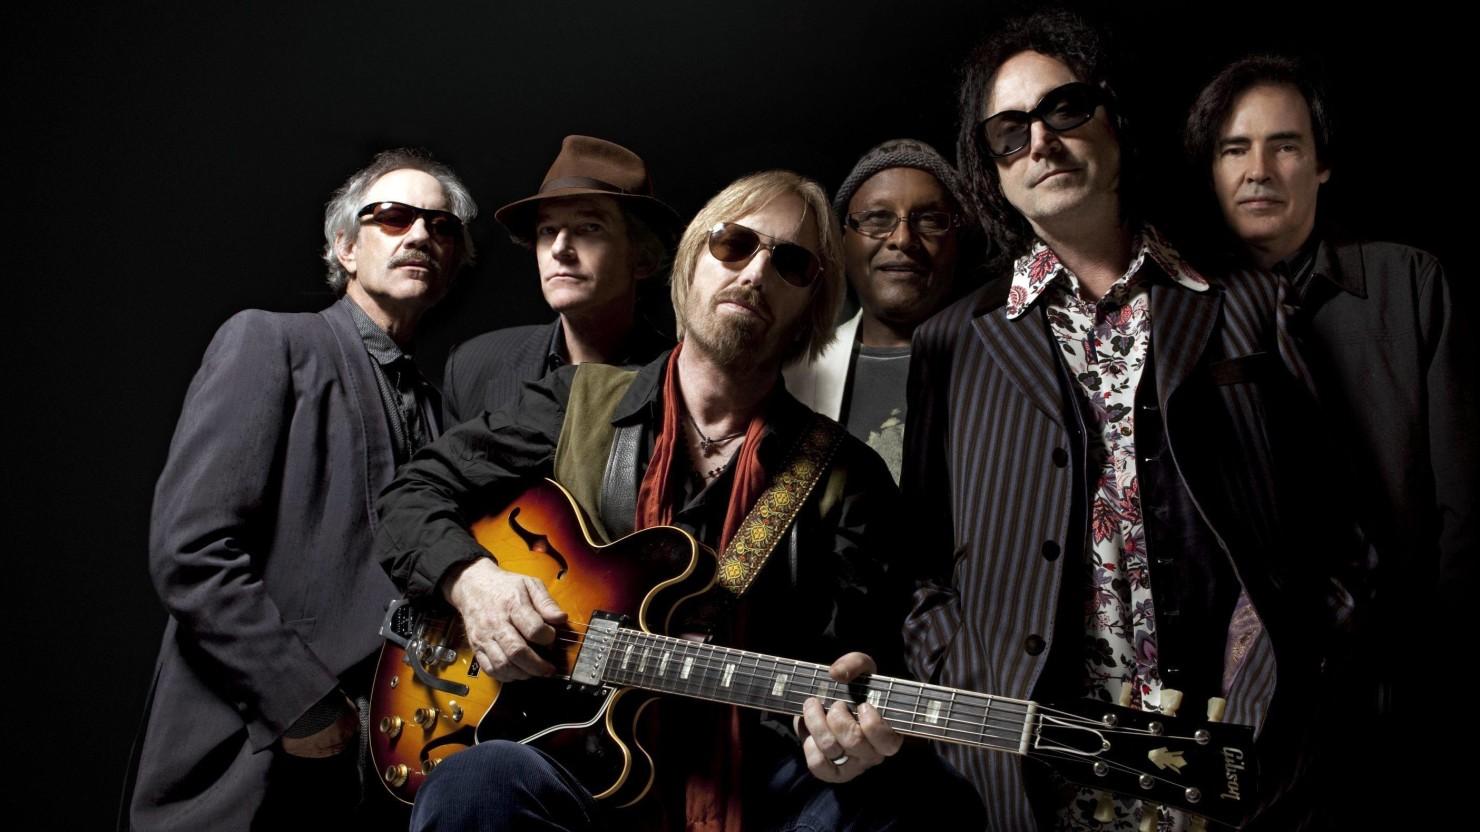 Tom-Petty-The-Heartbreakers-Press-Crop-mary-ellen-matthews-1480x832.jpg